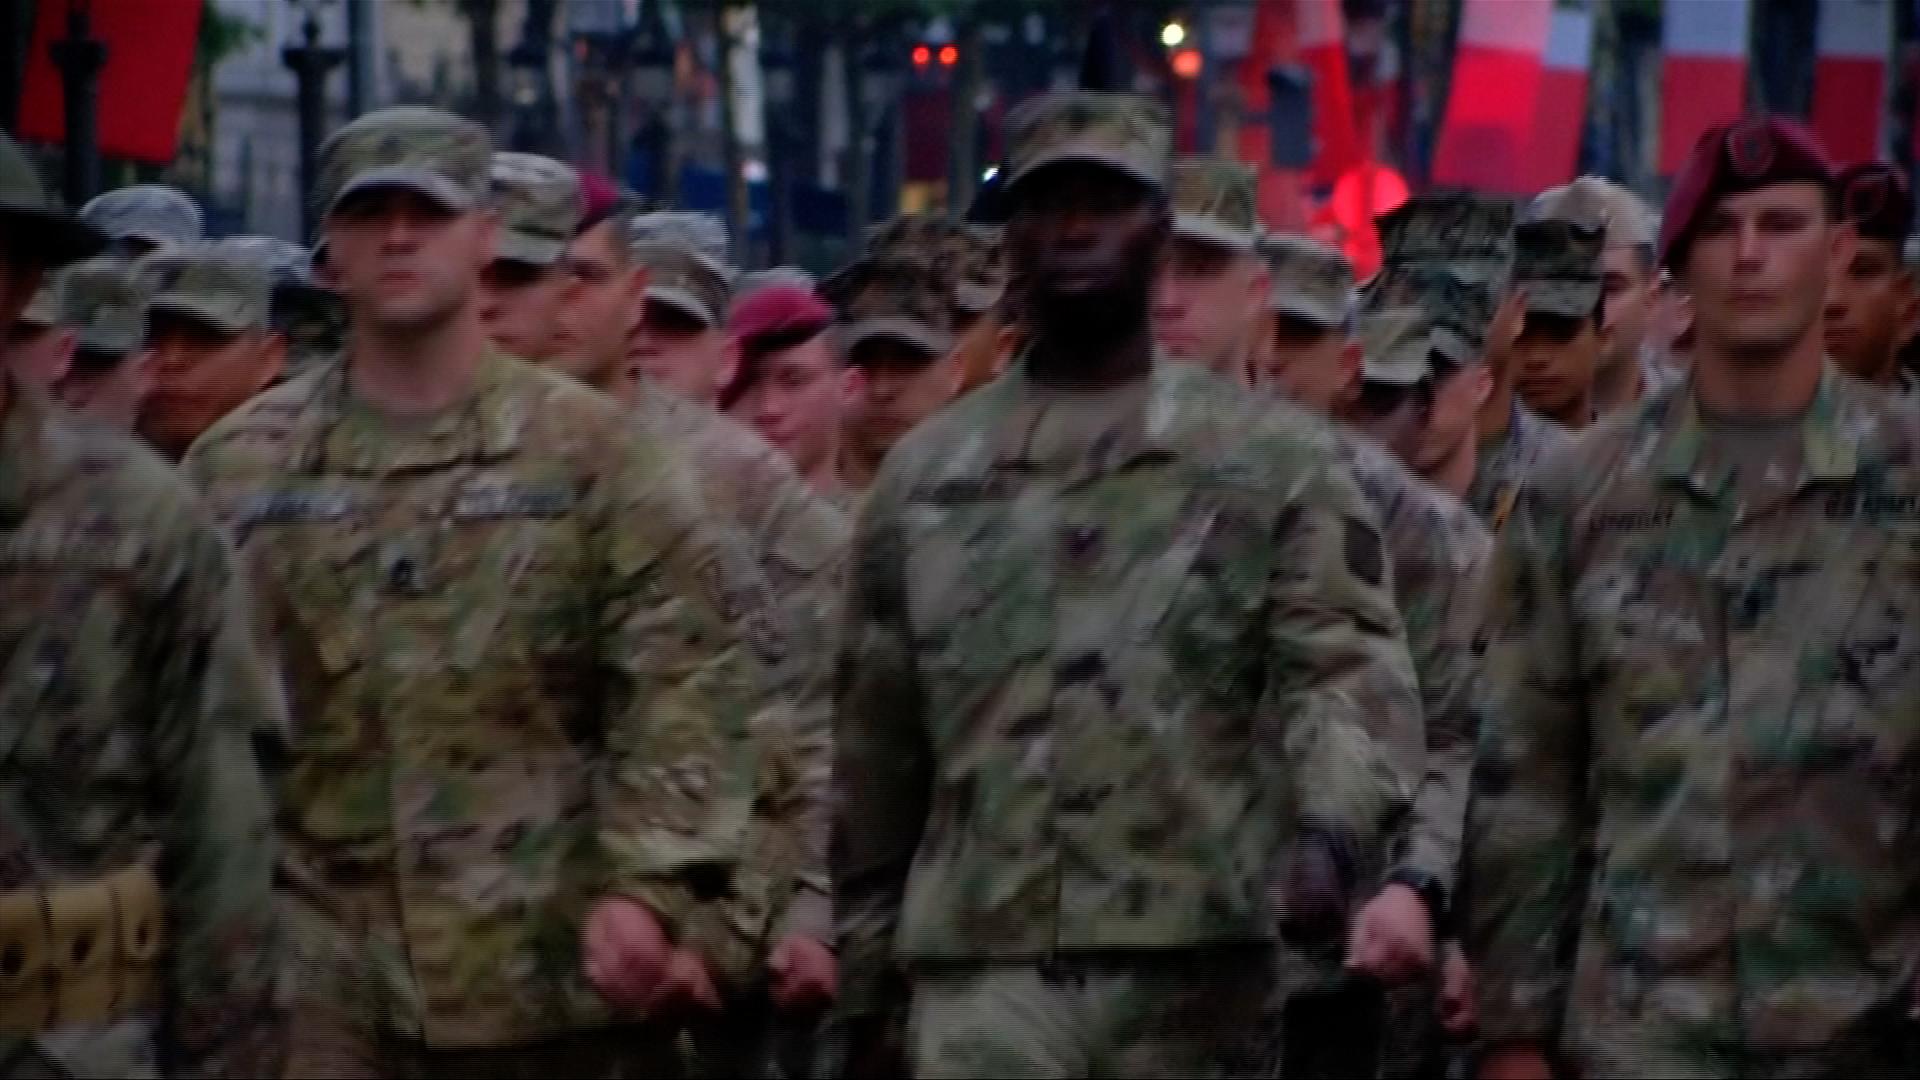 Trumpova vojenská přehlídka může stát až třicet milionů dolarů. Pentagon přitom nemá peníze na výcvik